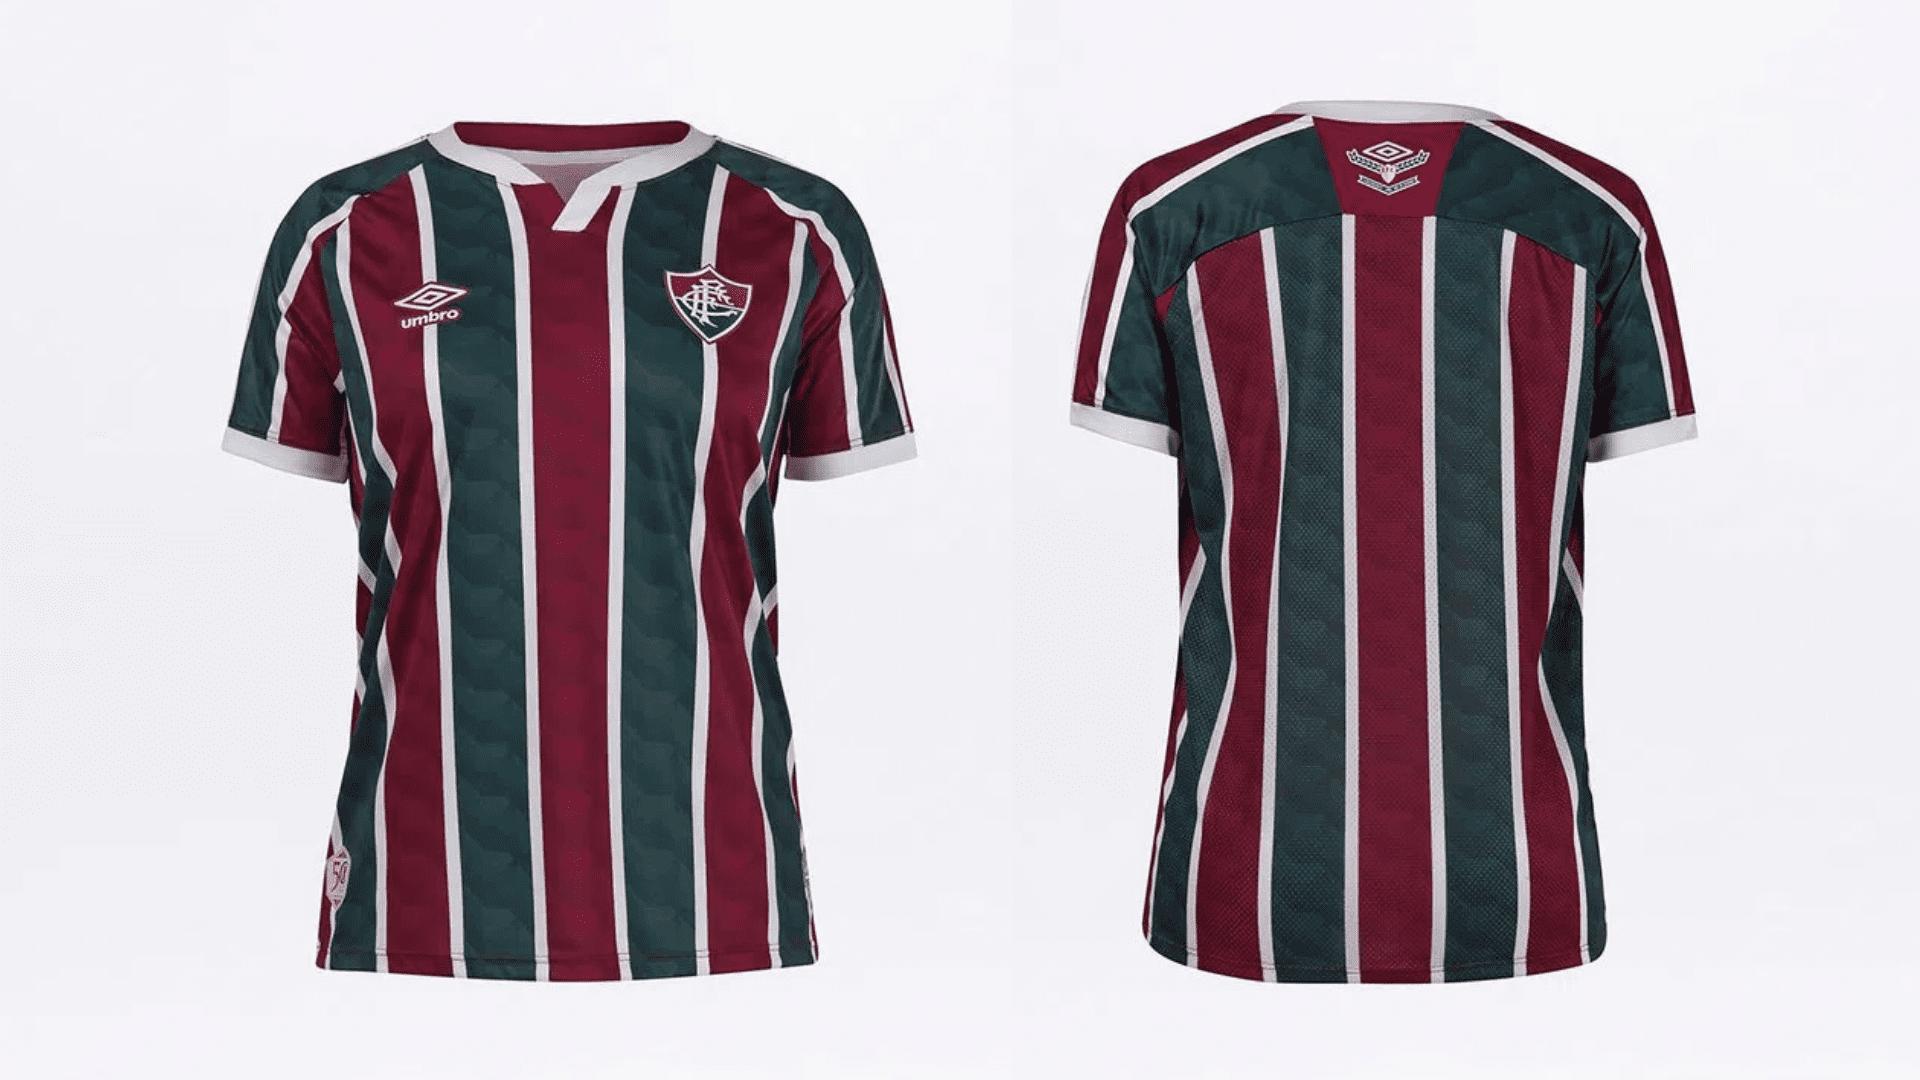 Camisa do Fluminense Feminina 2020 Umbro Jogo 1 (Imagem: Divulgação/Umbro)